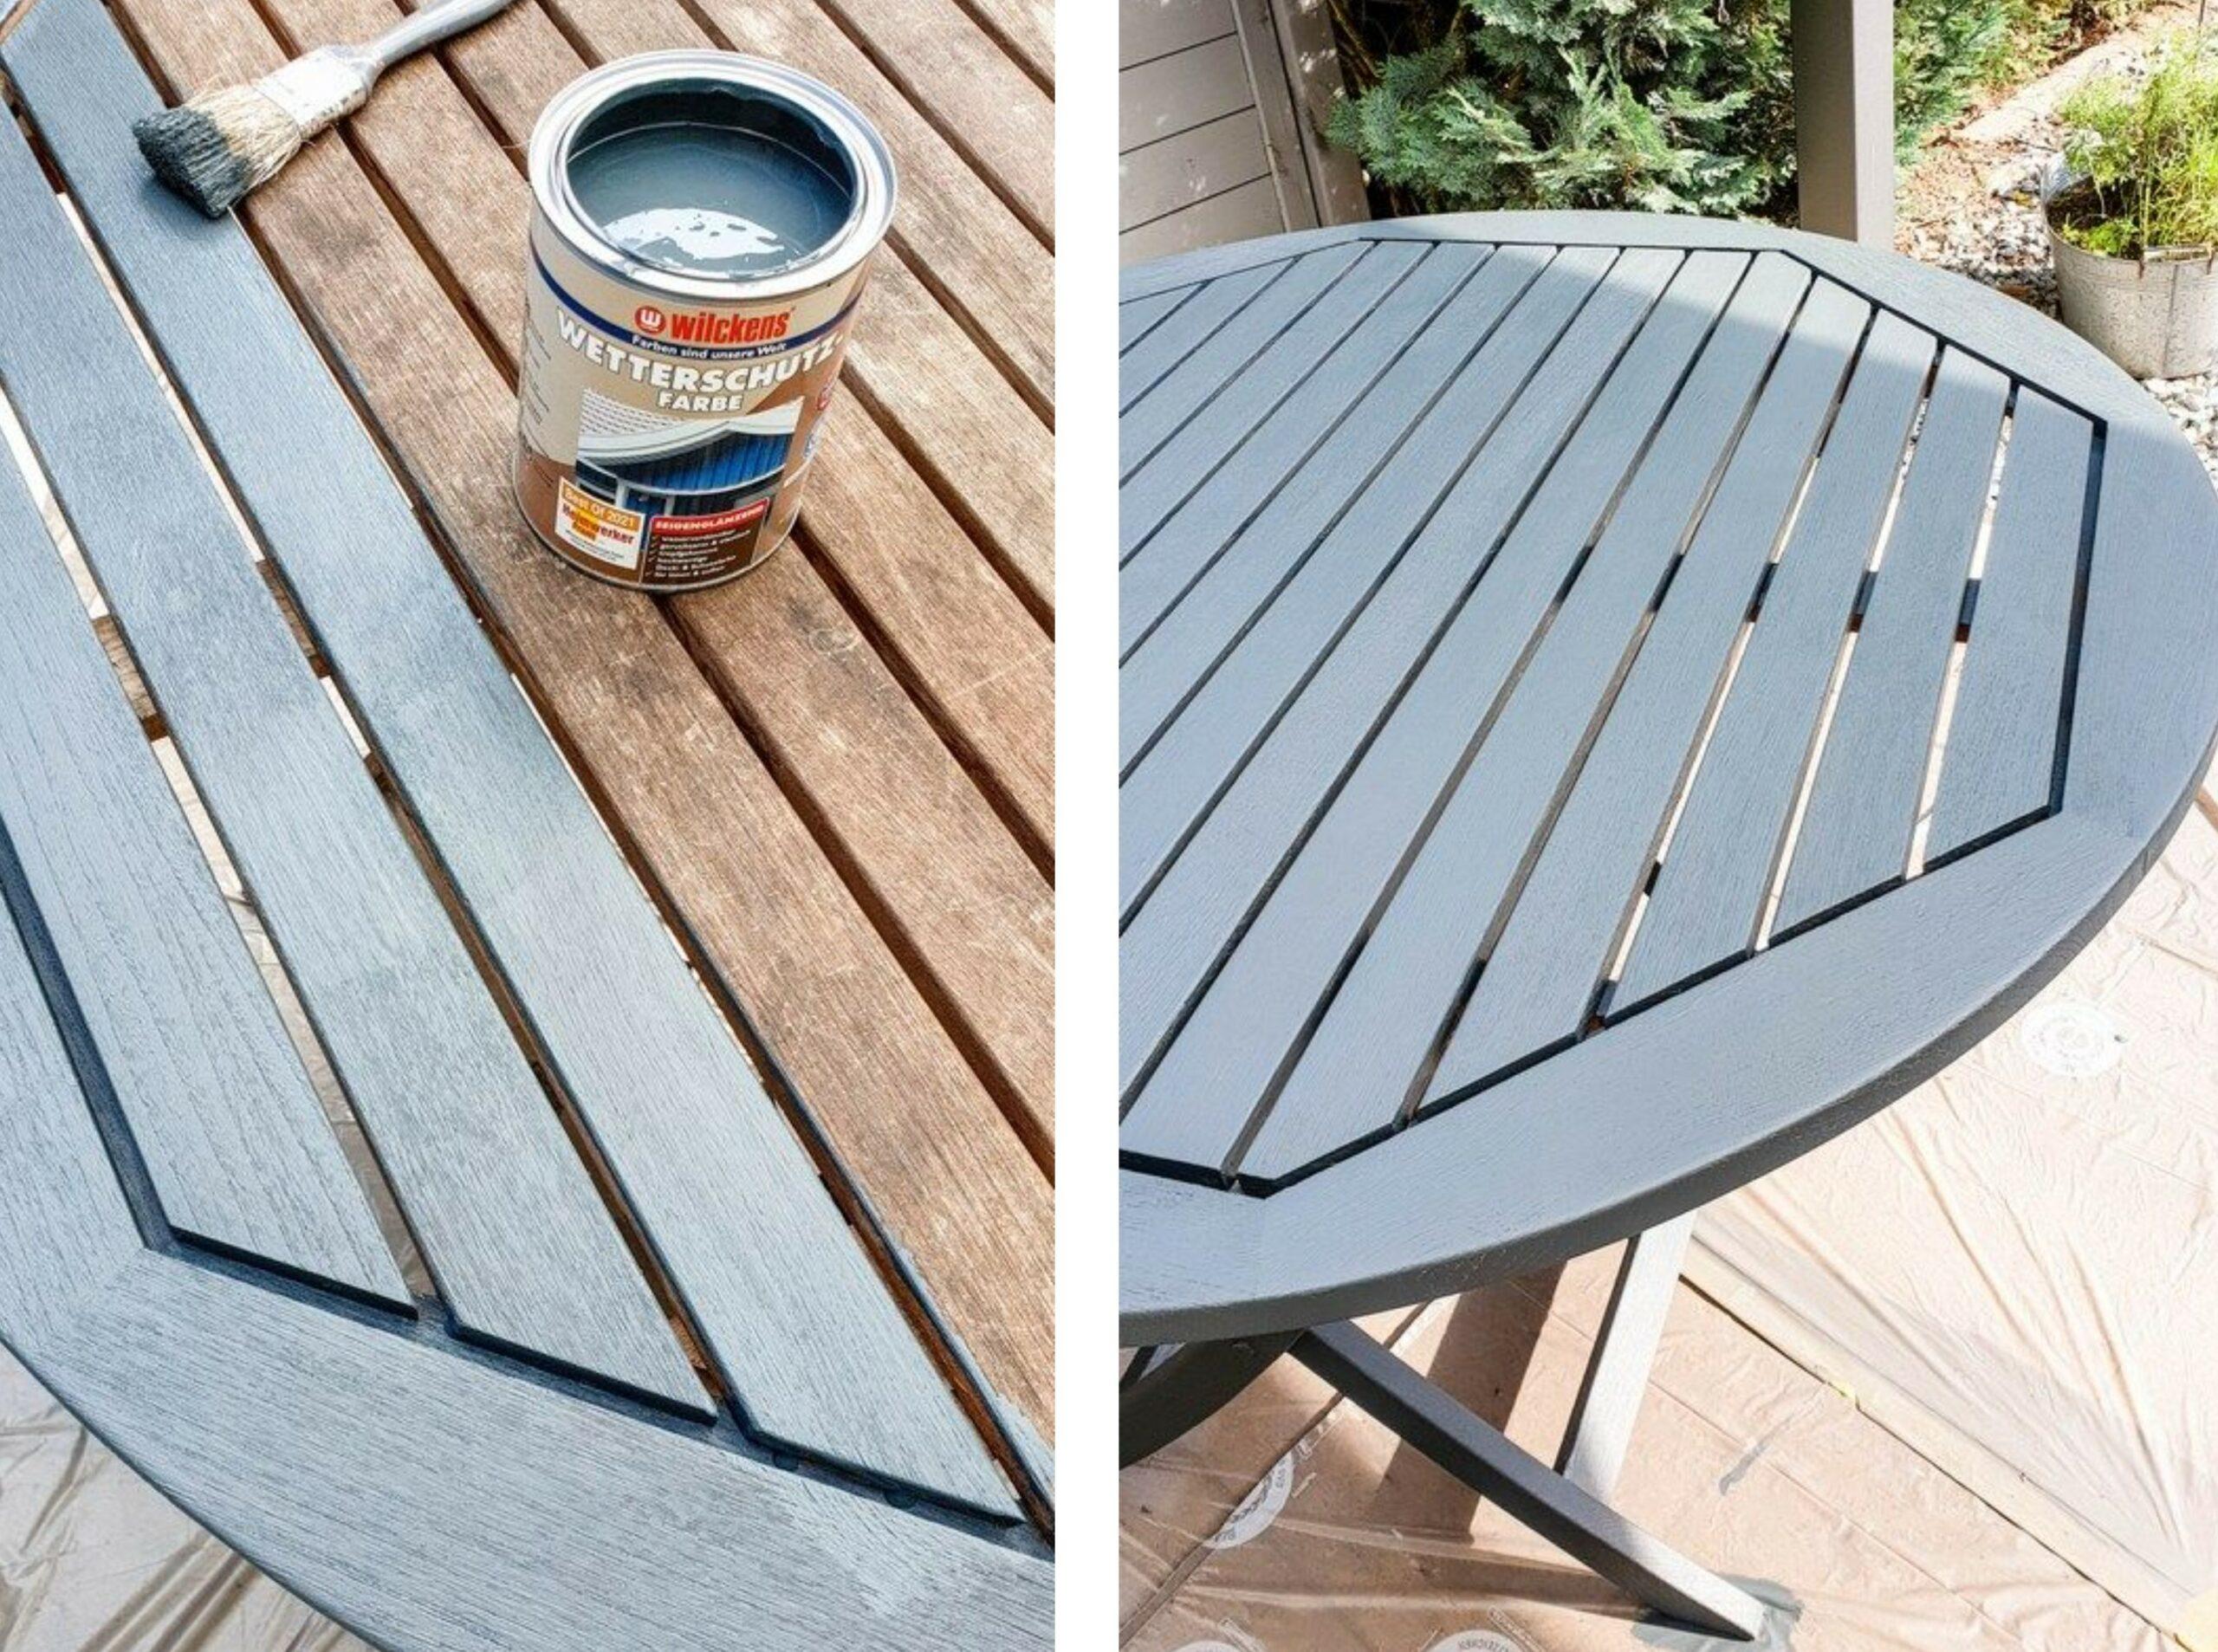 Gartenmöbel streichen Wetterschutzfarbe Grau